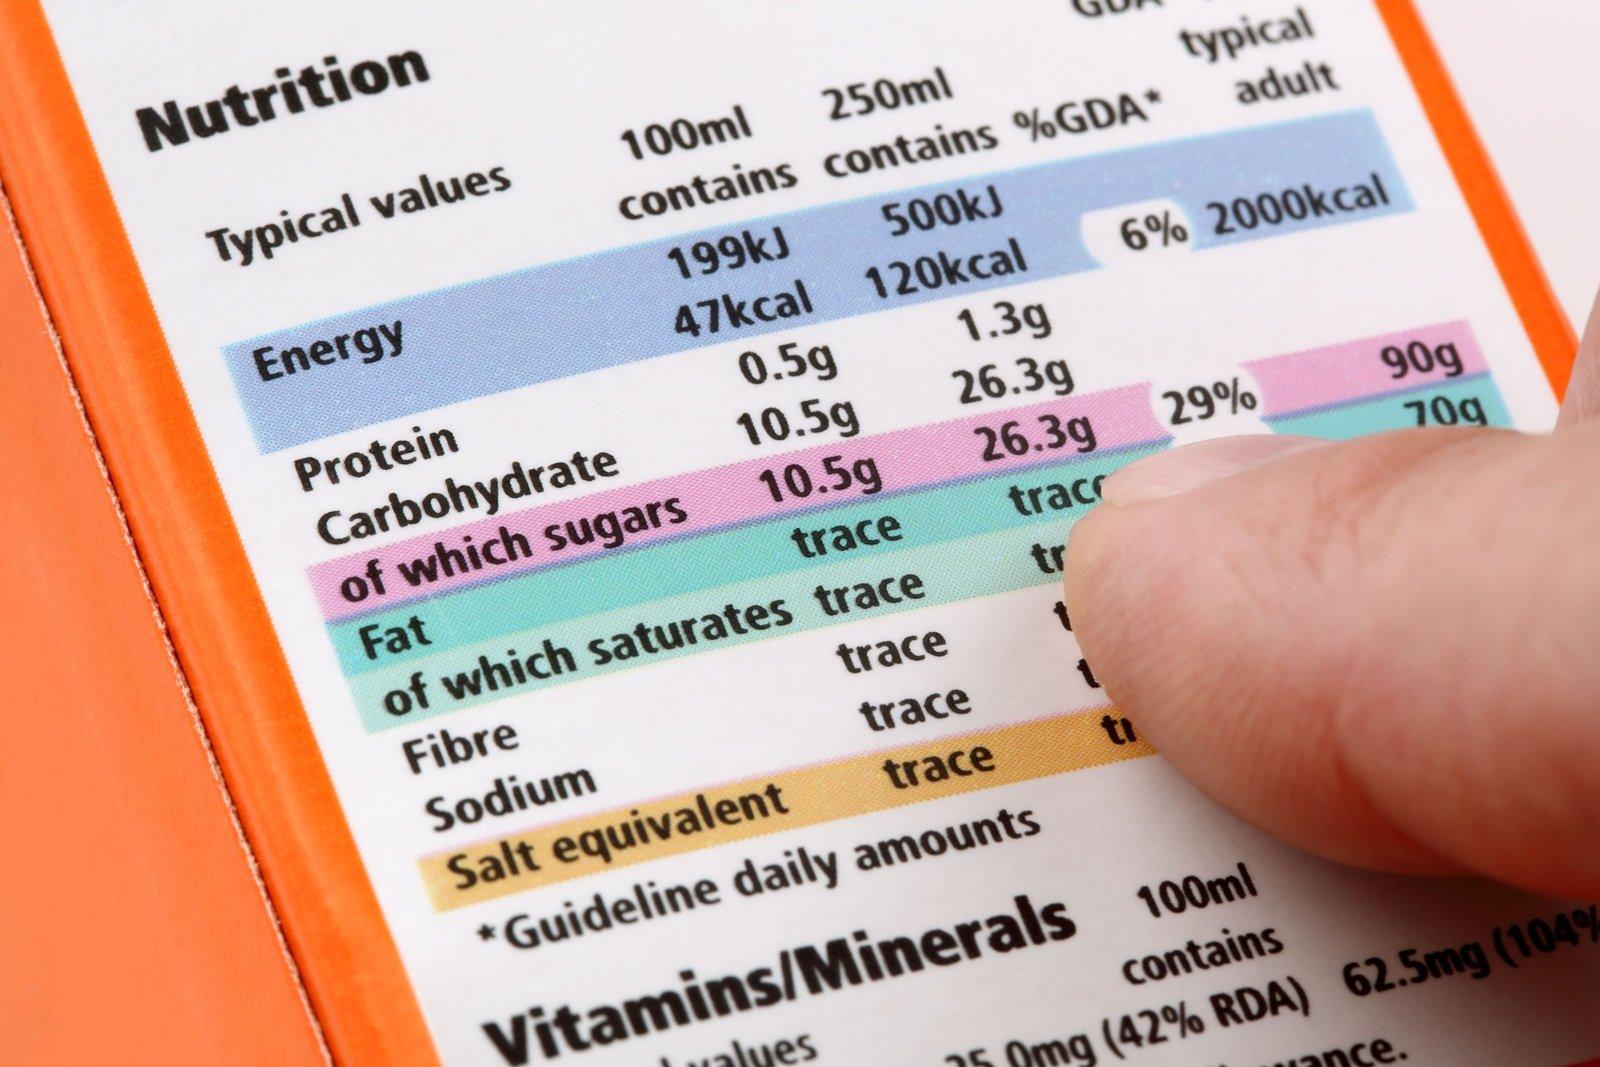 มาอ่านฉลากโภชนาการกันเถอะ thaihealth